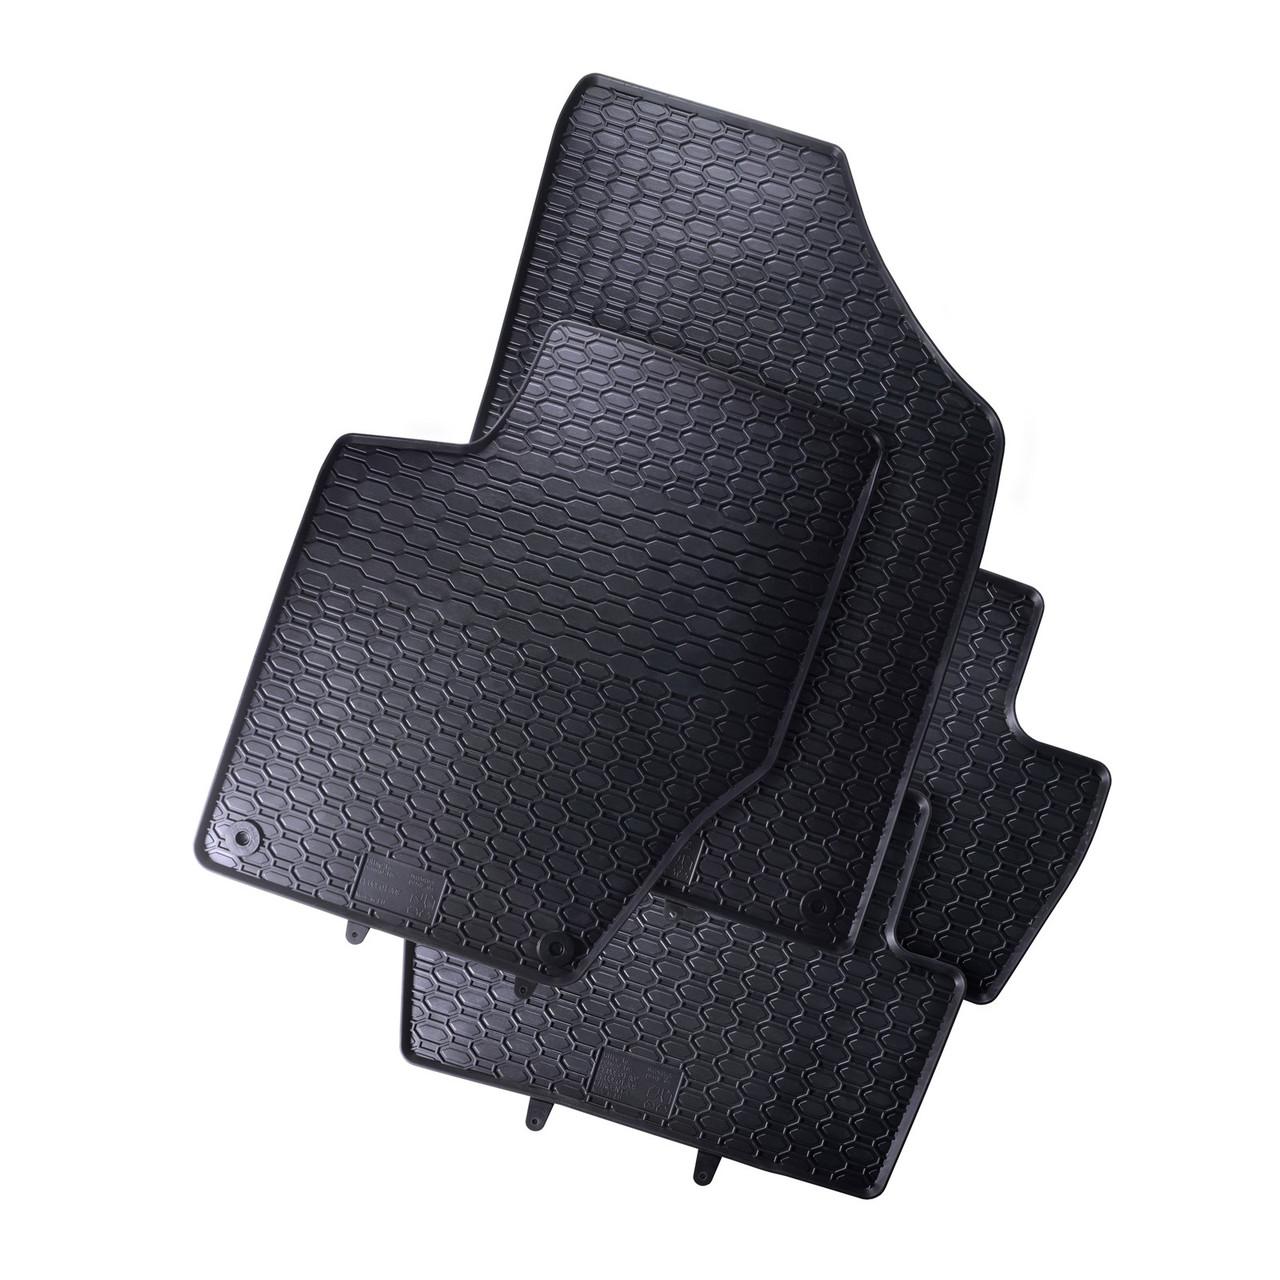 Коврики в салон для Peugeot 307 I (01-05) / 307 II (05-08) (4шт) 822/4C